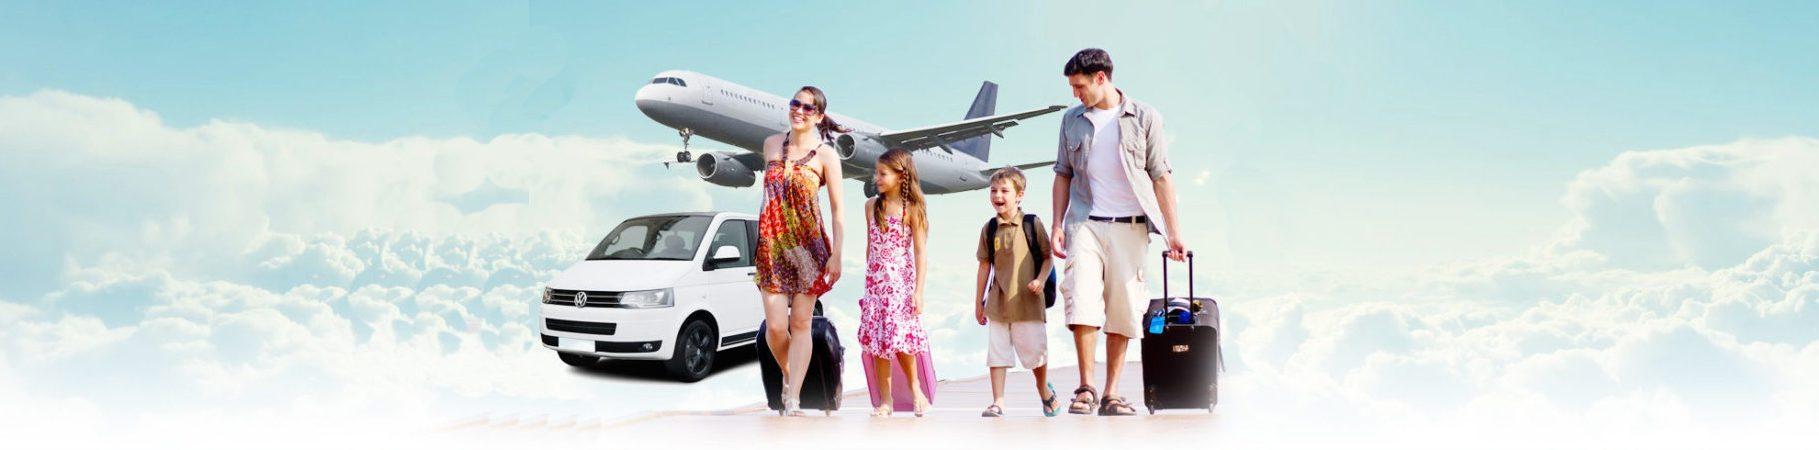 Hurghada Flughafen Hotel Transfer